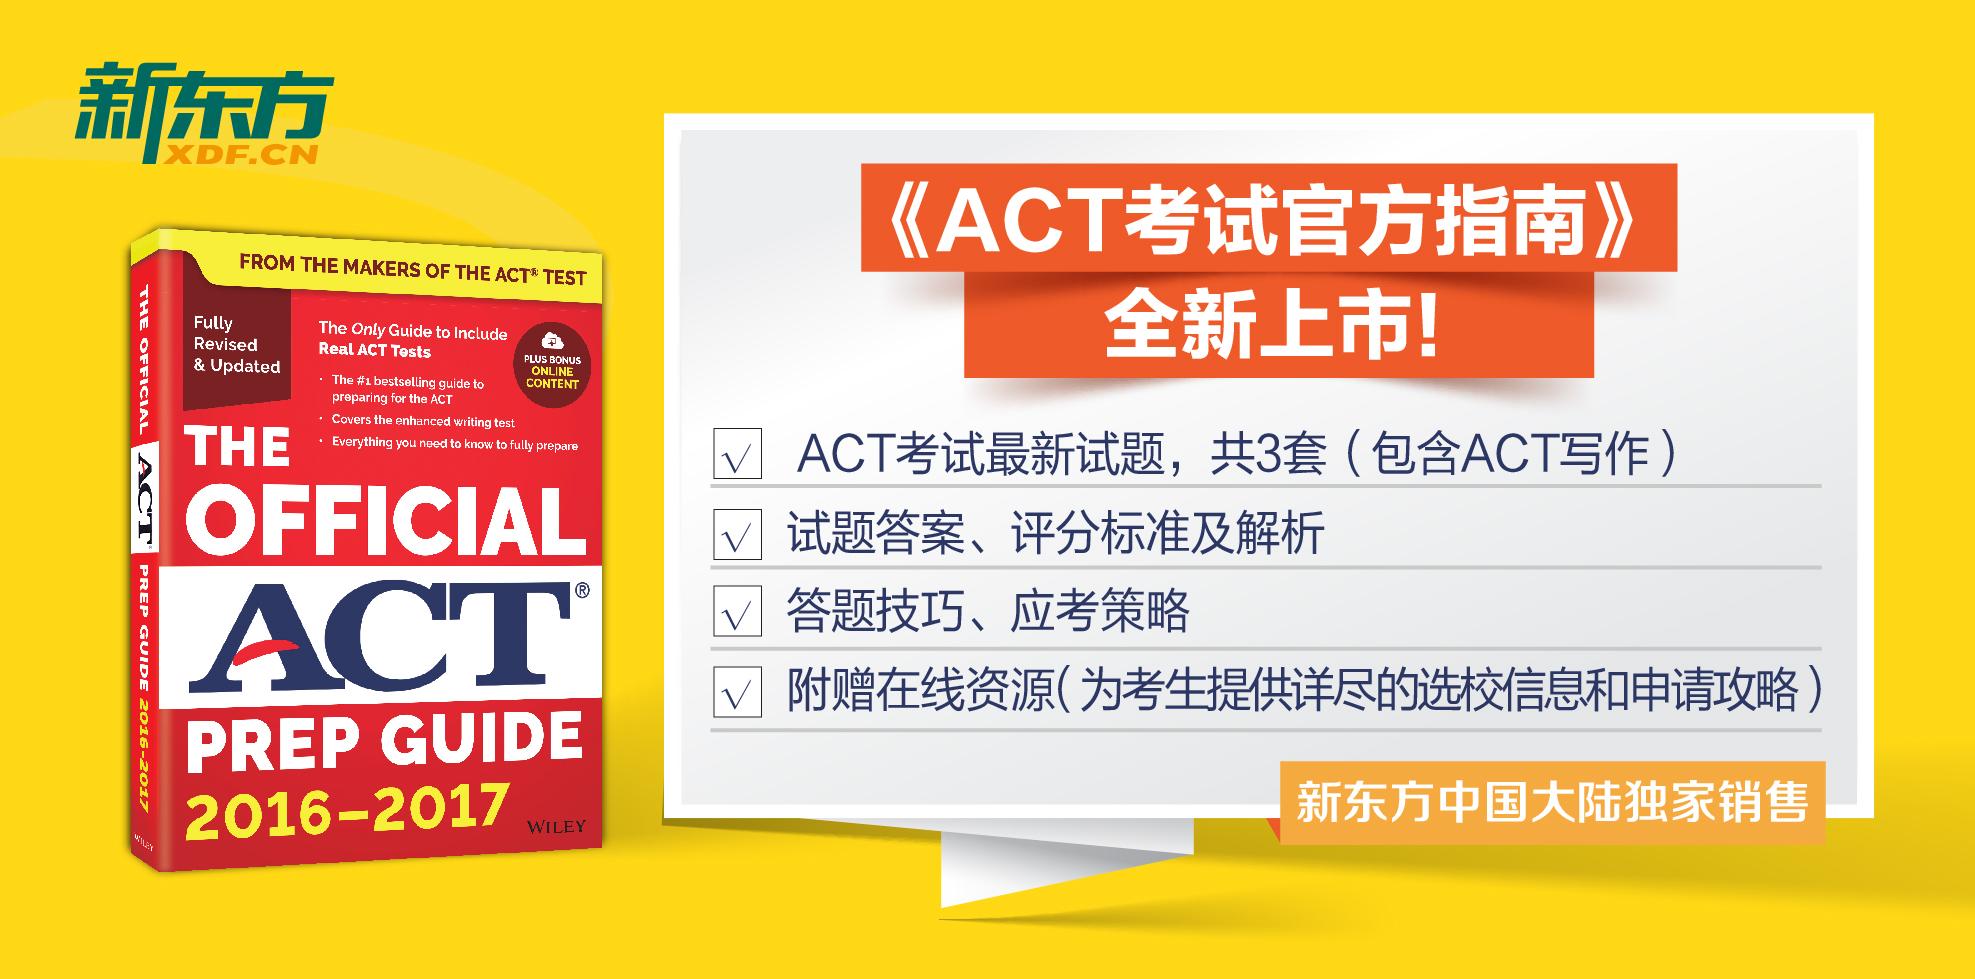 ACT官指